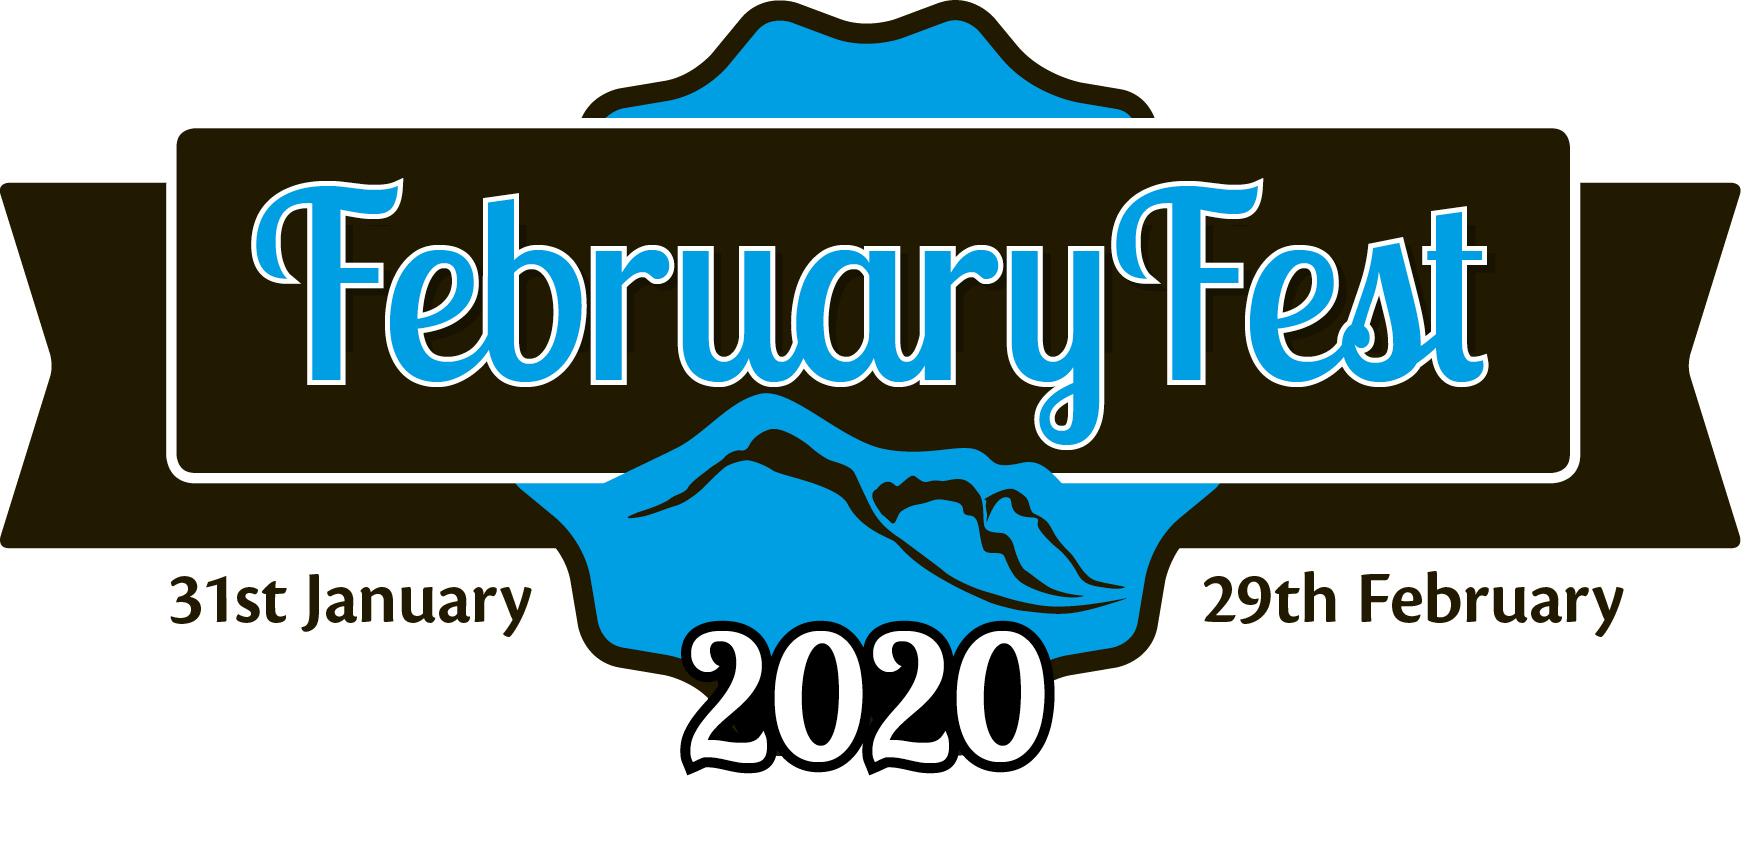 Clachaig February Fest 2020